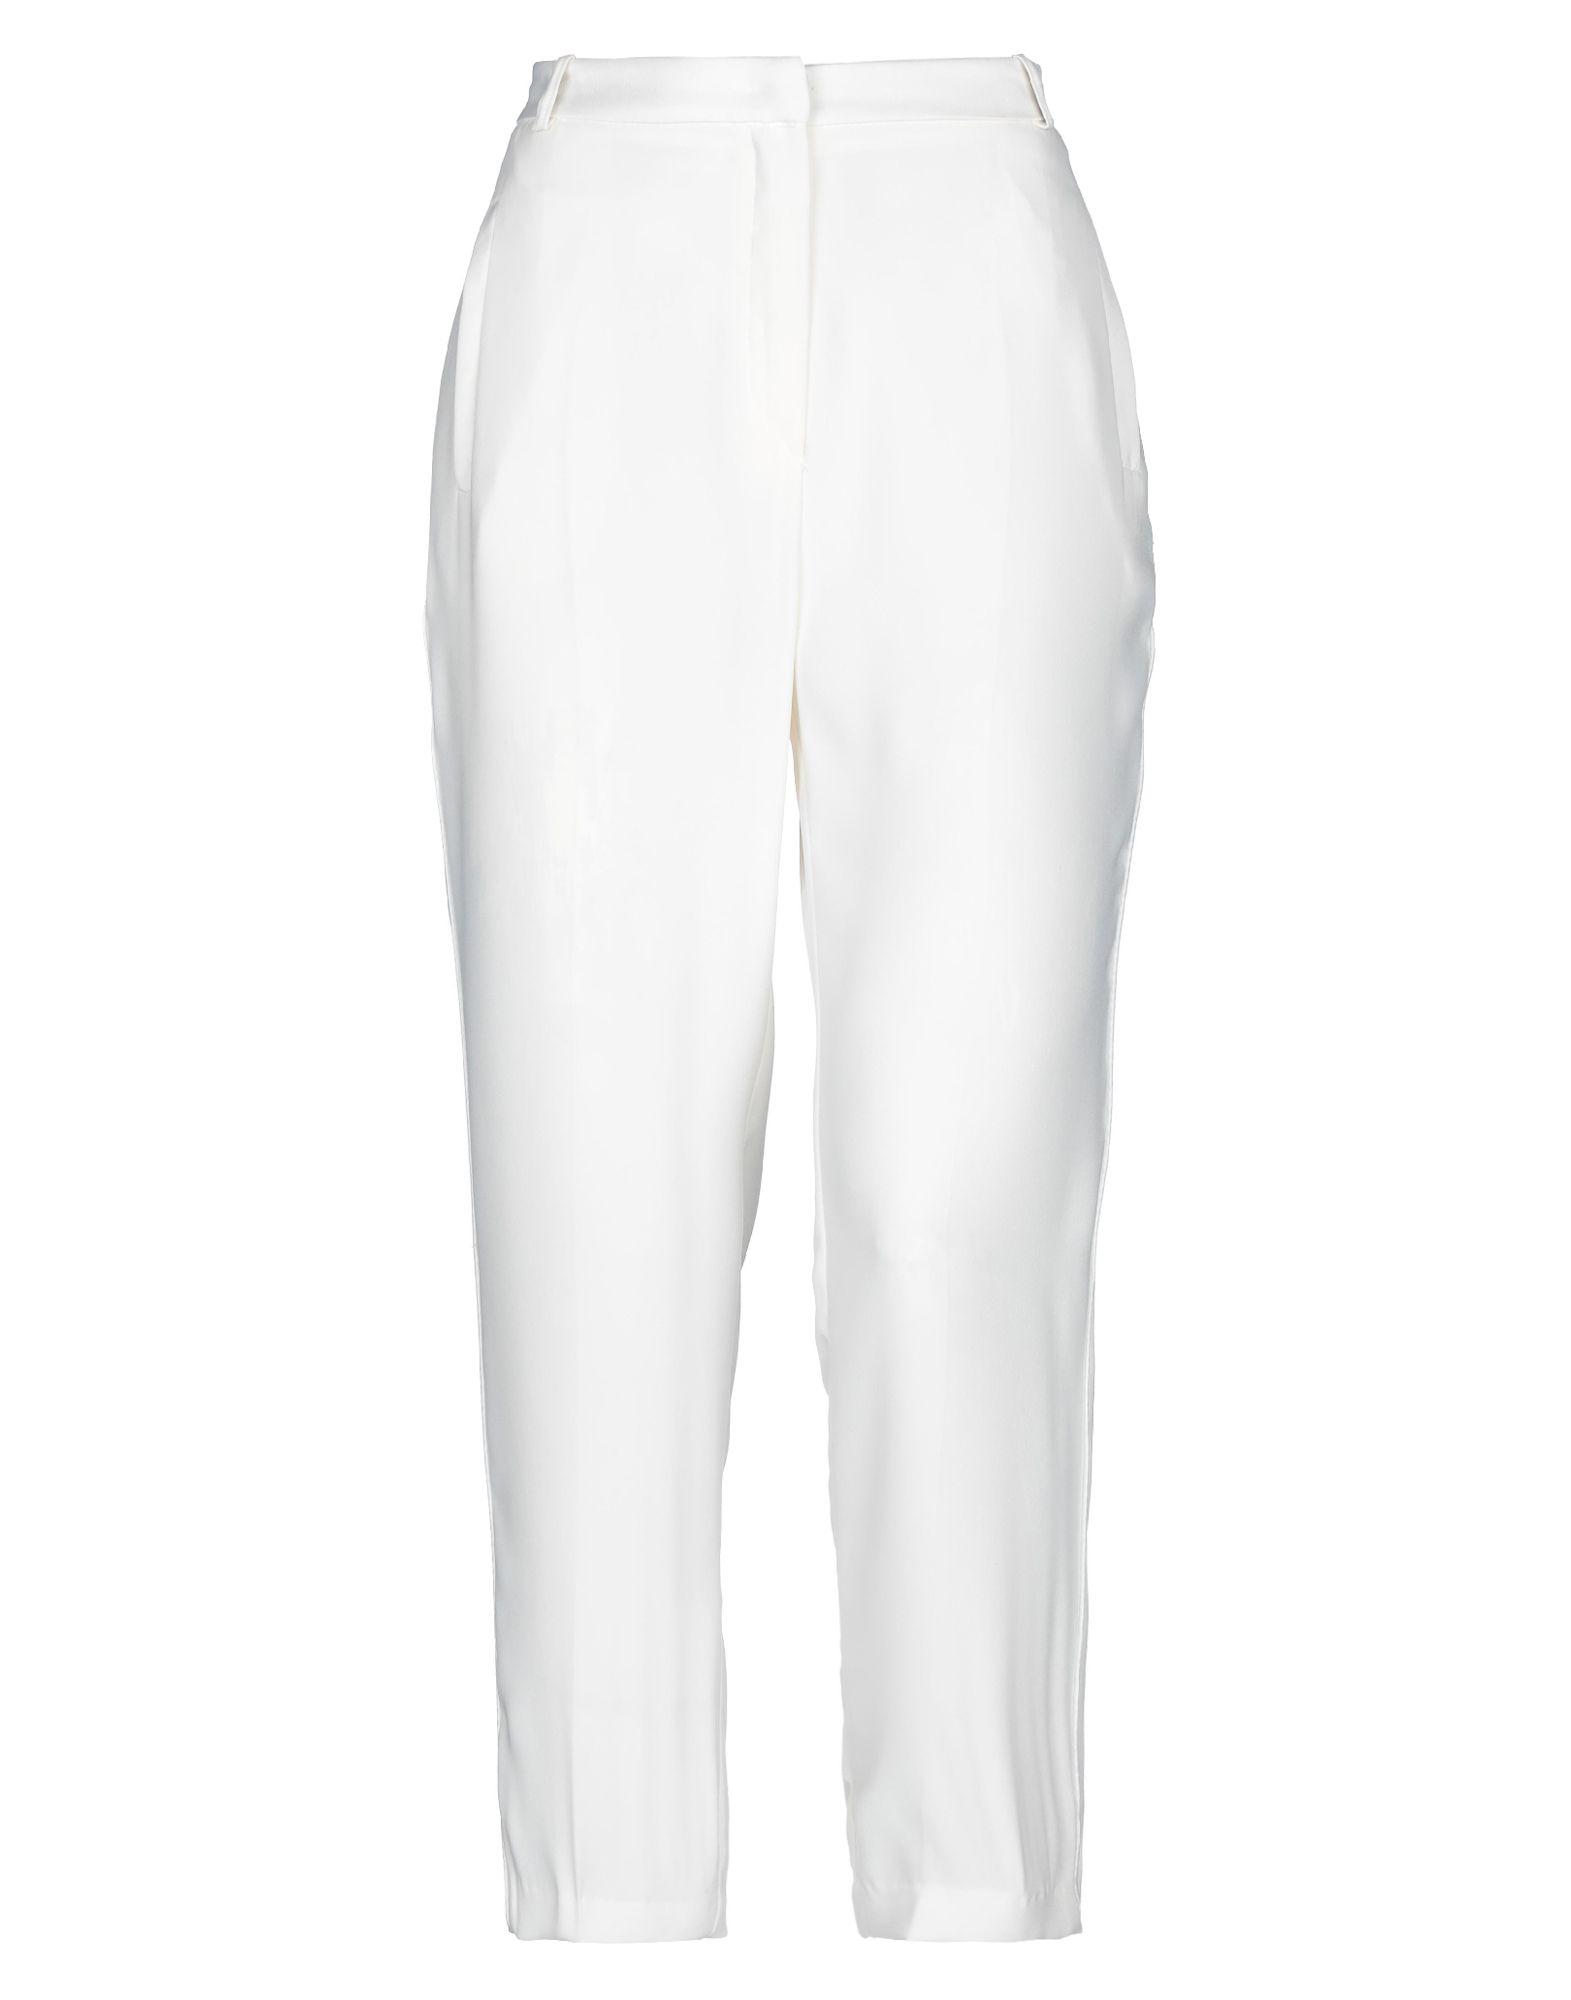 ANGELA DAVIS Повседневные брюки angela davis футболка page 2